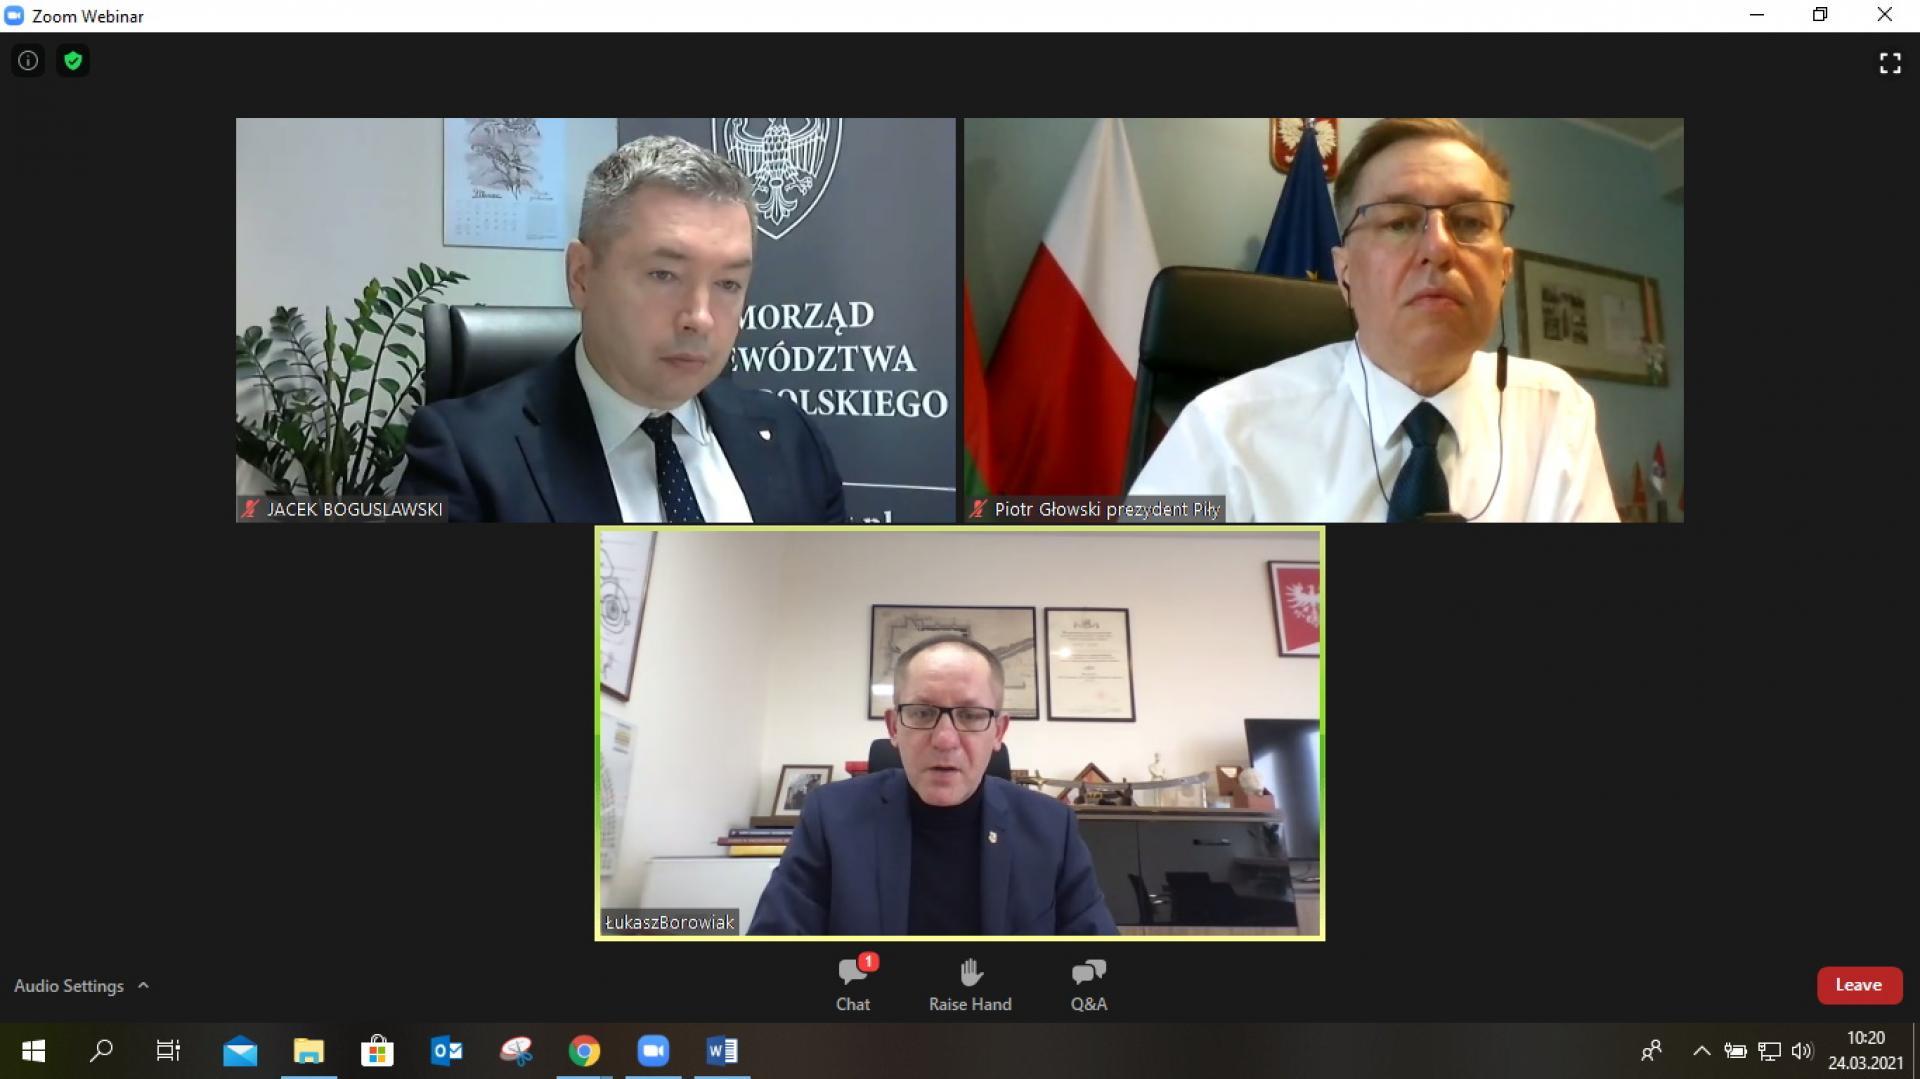 Nowe wyzwania dla Wielkopolski - zobacz więcej